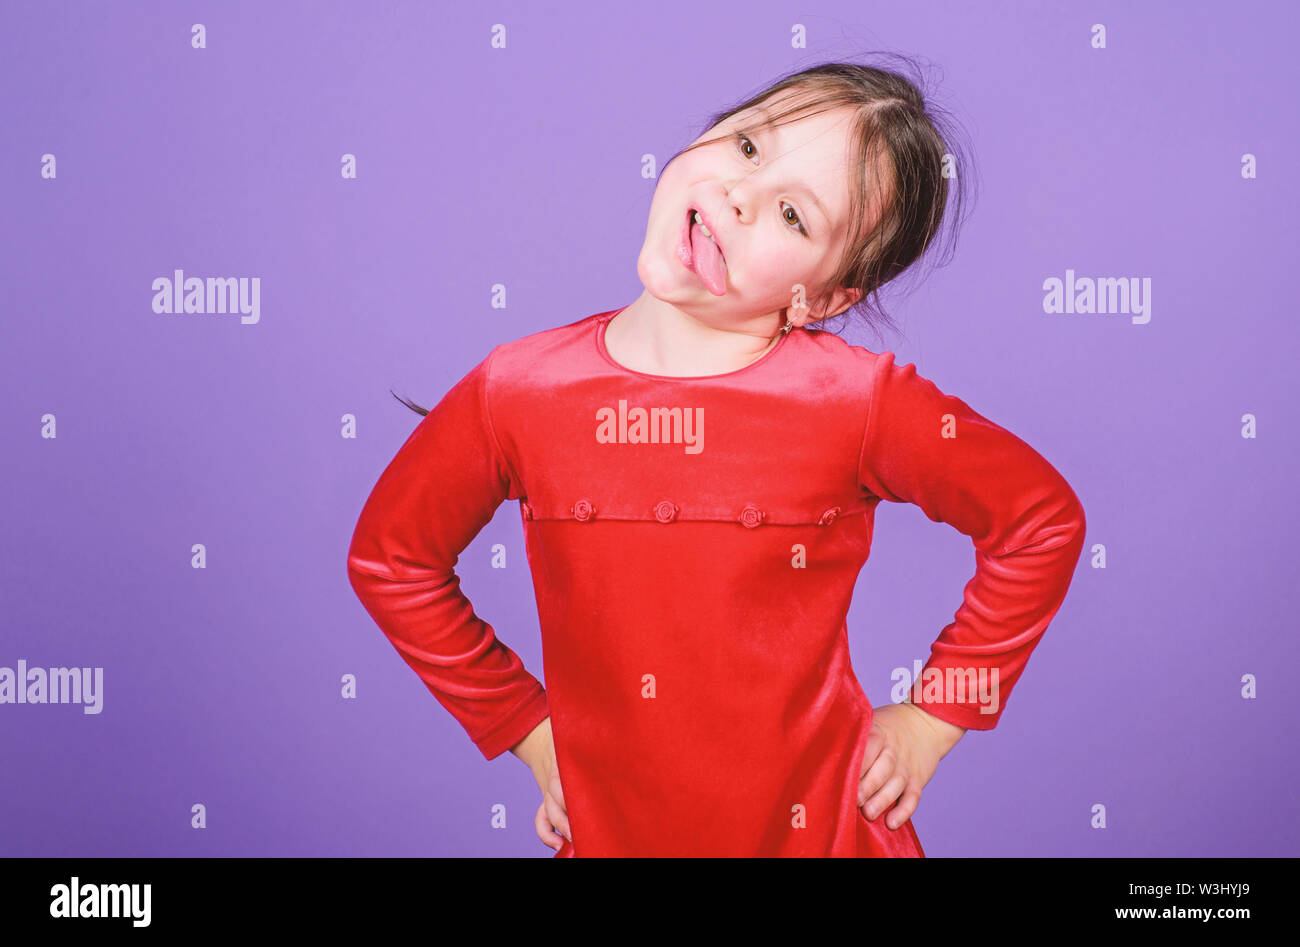 Nur Spaß ist auf meinem Verstand. Mädchen süß verspielt fröhliches Kind lustige Grimasse Gesicht. Glückliche Kindheit. Happy kleines Mädchen. Internationalen Tag der Kinder. Kind ca Stockbild